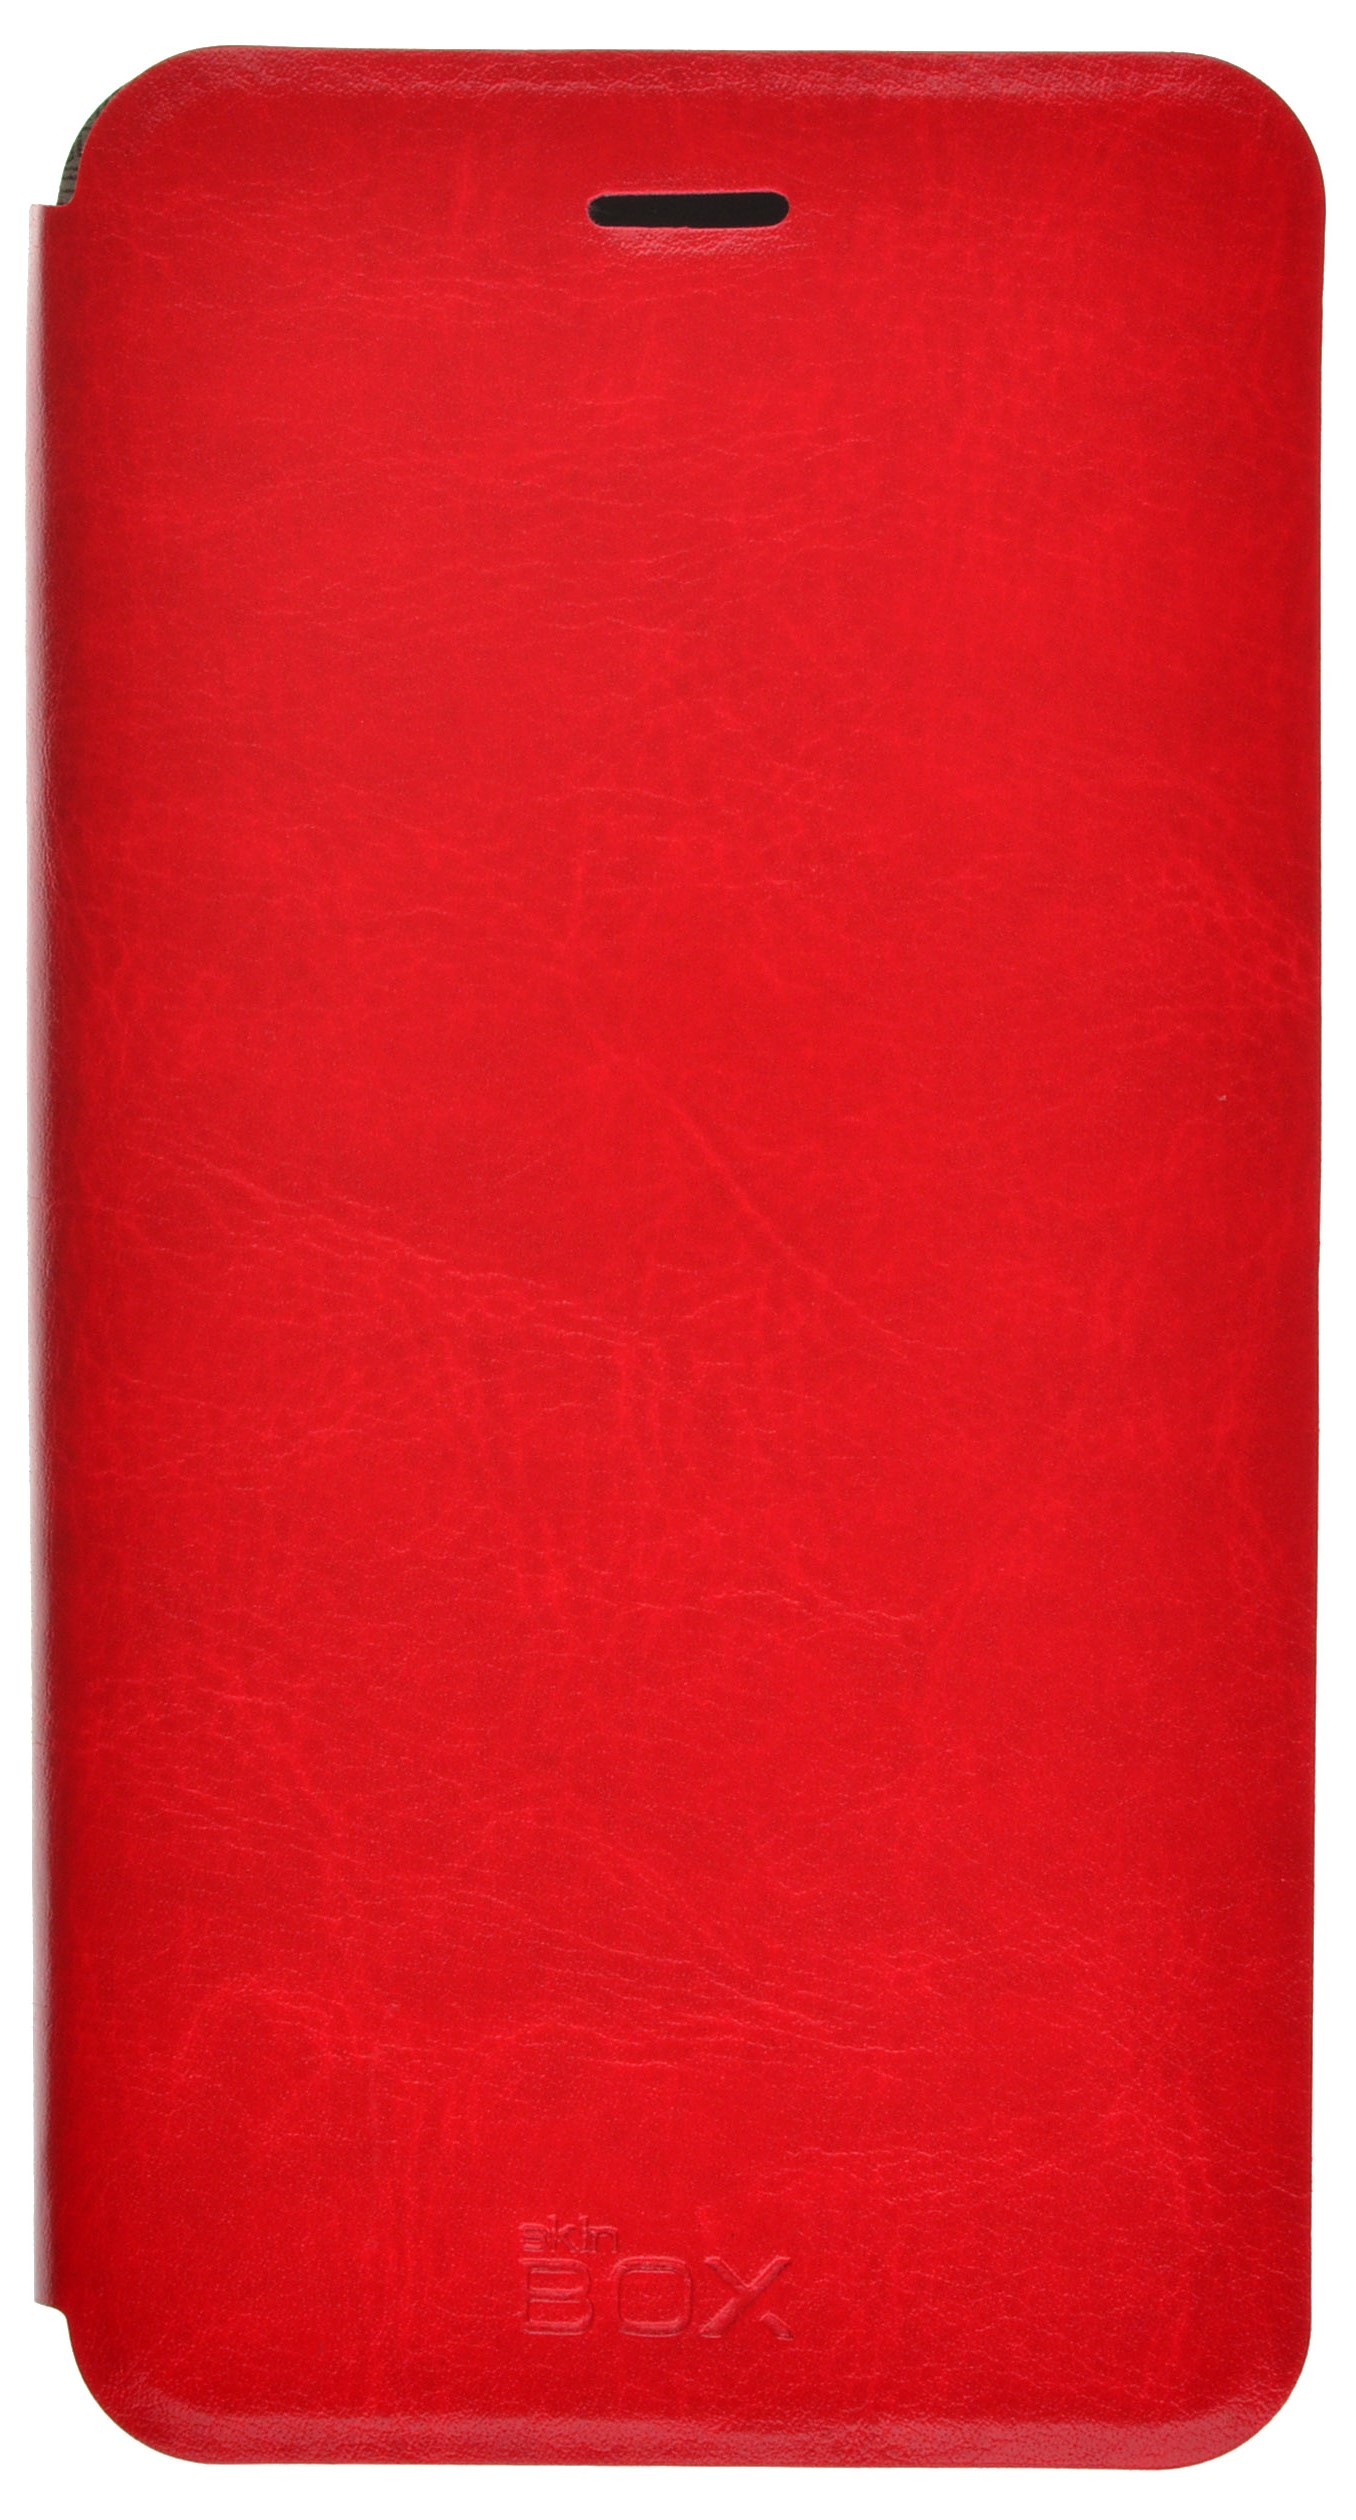 Чехол для сотового телефона skinBOX Lux, 4630042528338, красный